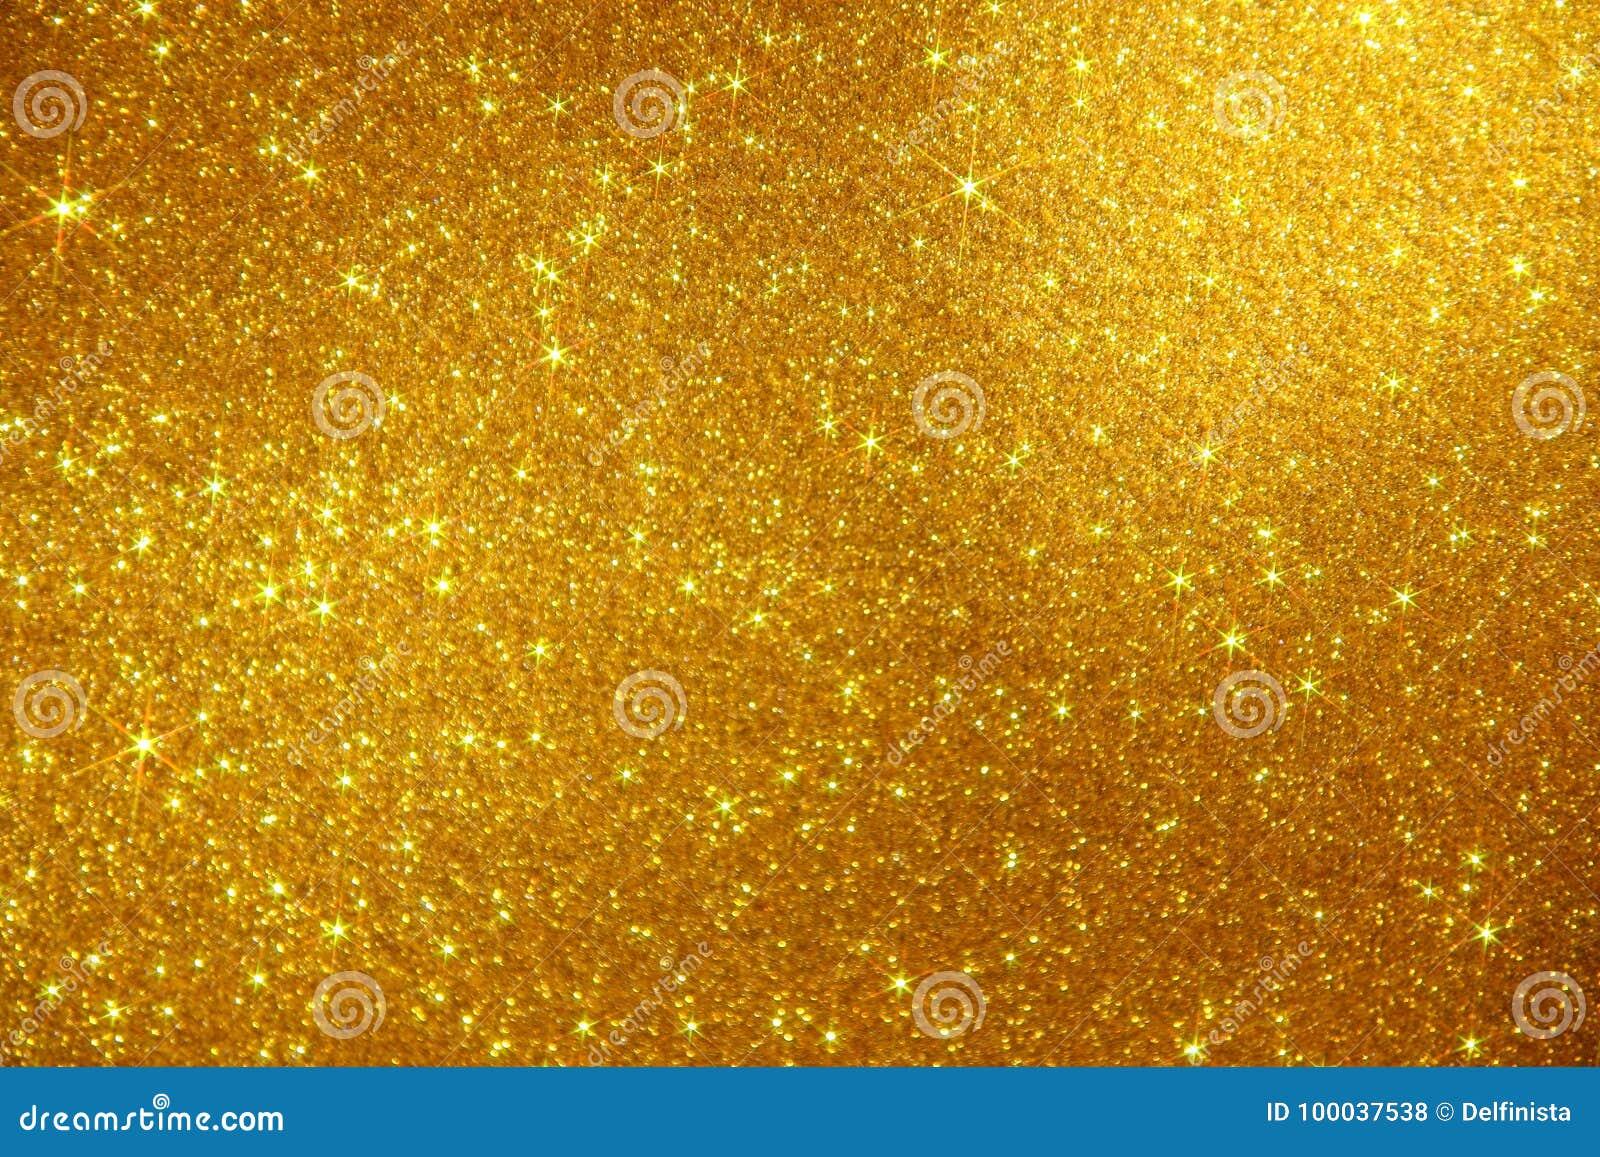 Fondo de la chispa de las estrellas del brillo del oro - foto común